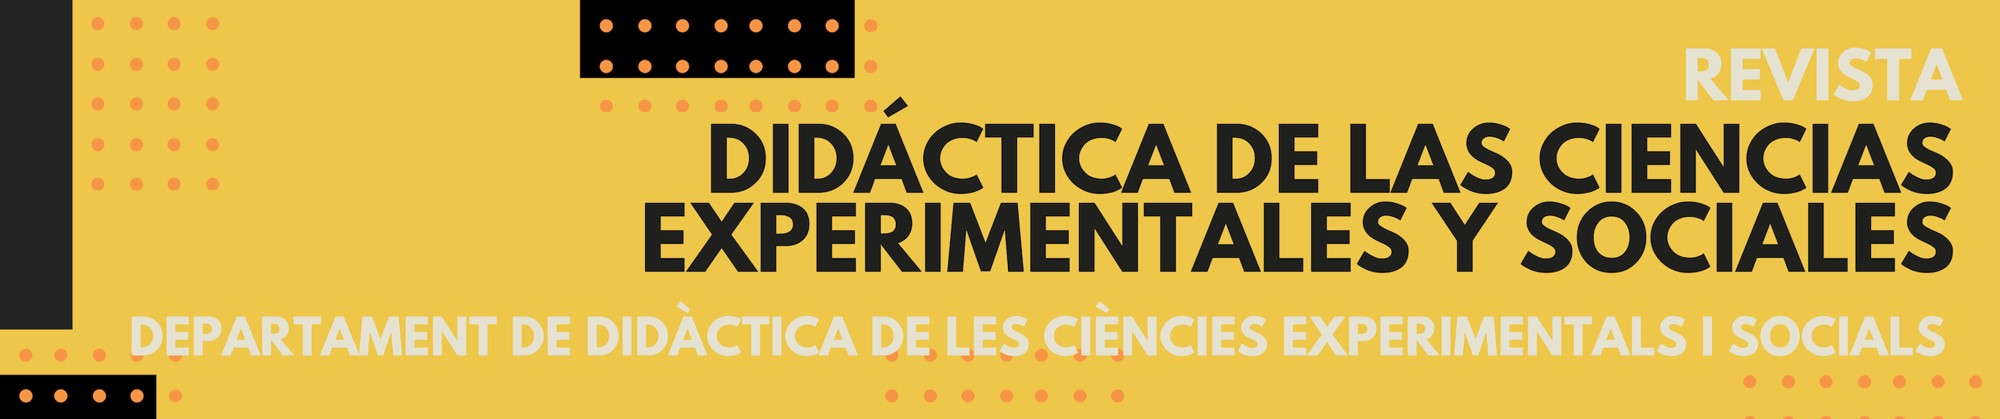 Didáctica de las Ciencias Experimentales y Sociales